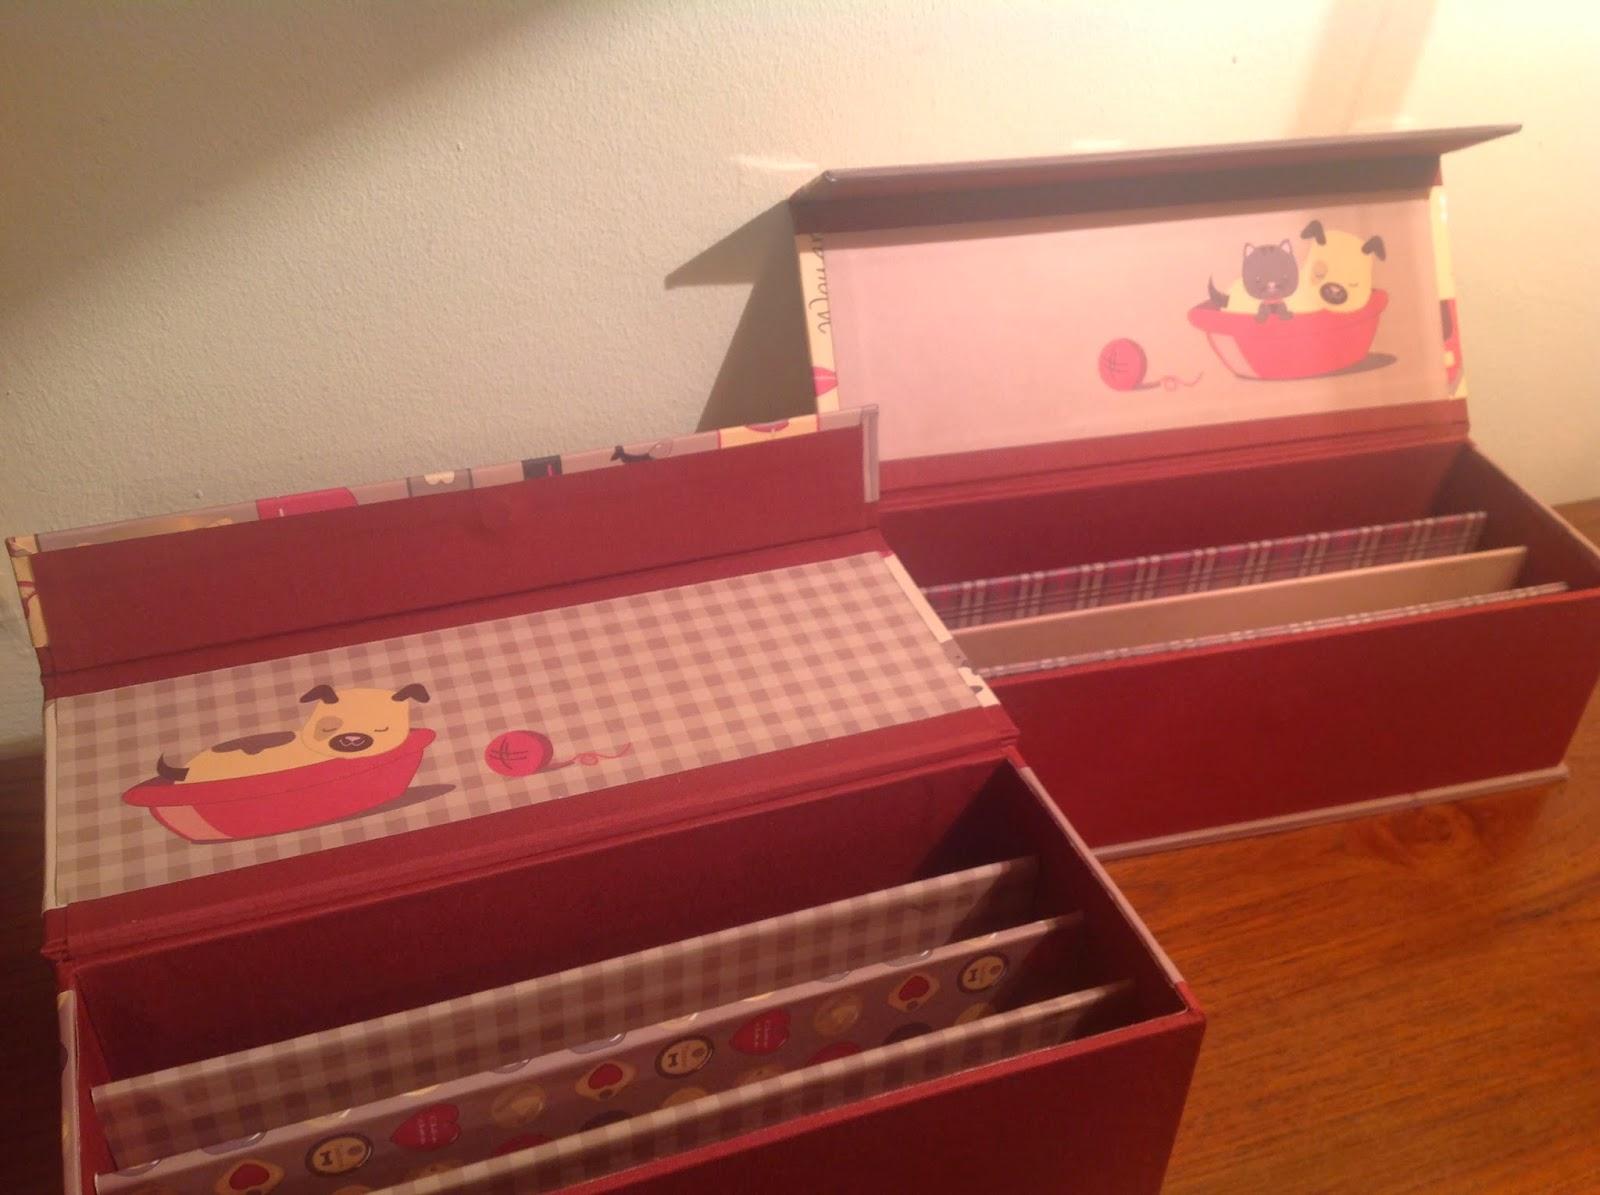 De cart n y trapo cajas para guardar tijeras for Cajas decorativas para almacenar